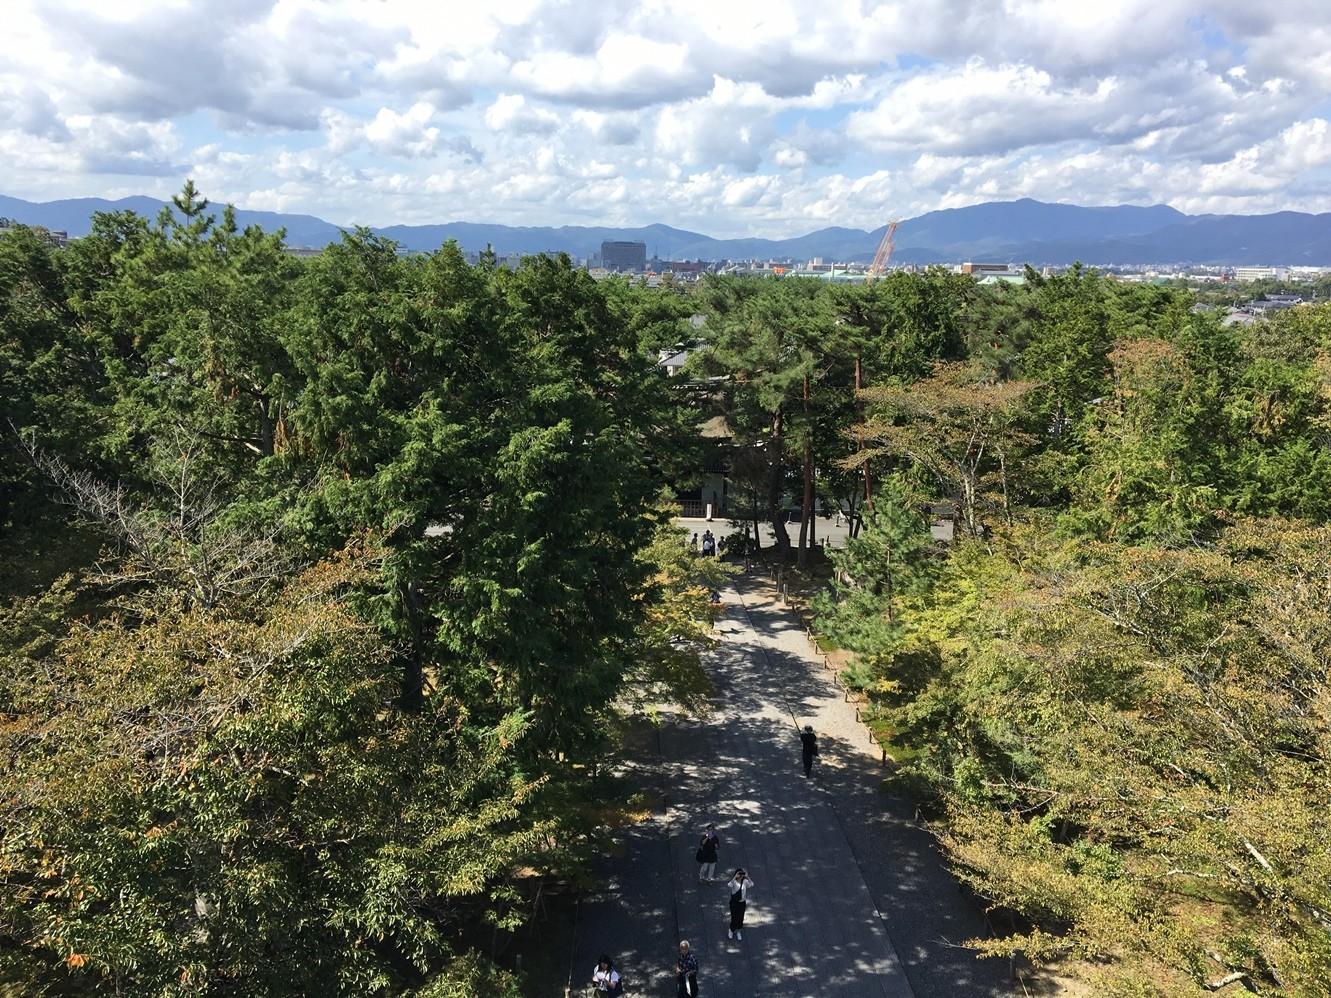 三門楼上からの眺め。石川五右衛門の名セリフ「絶景かな」も納得です。